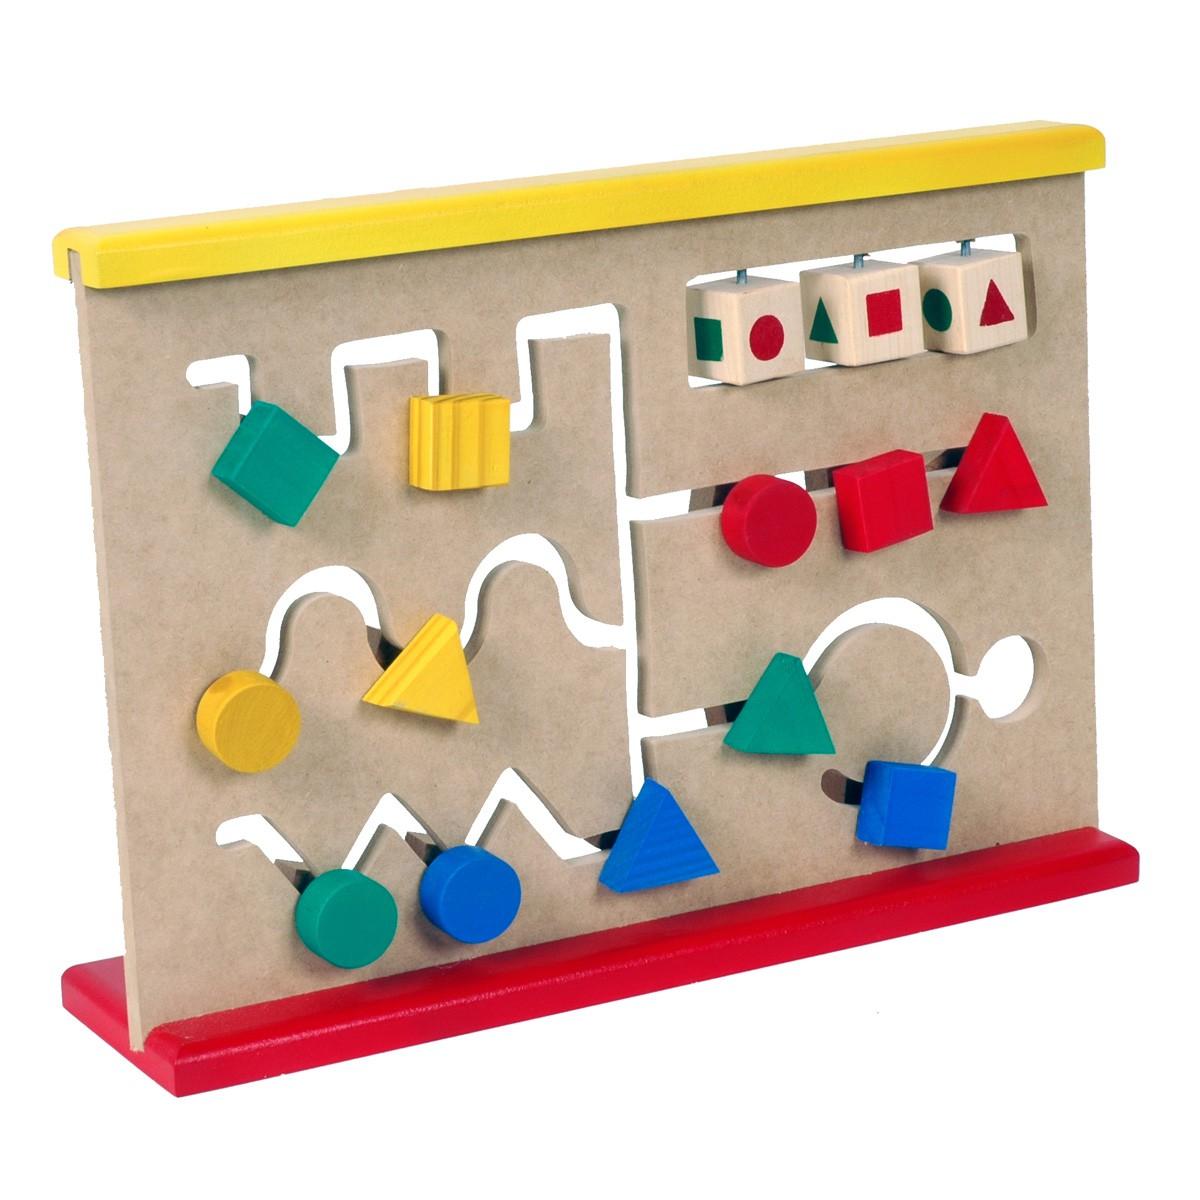 Brinquedo Educativo de Madeira Labirinto de Formas